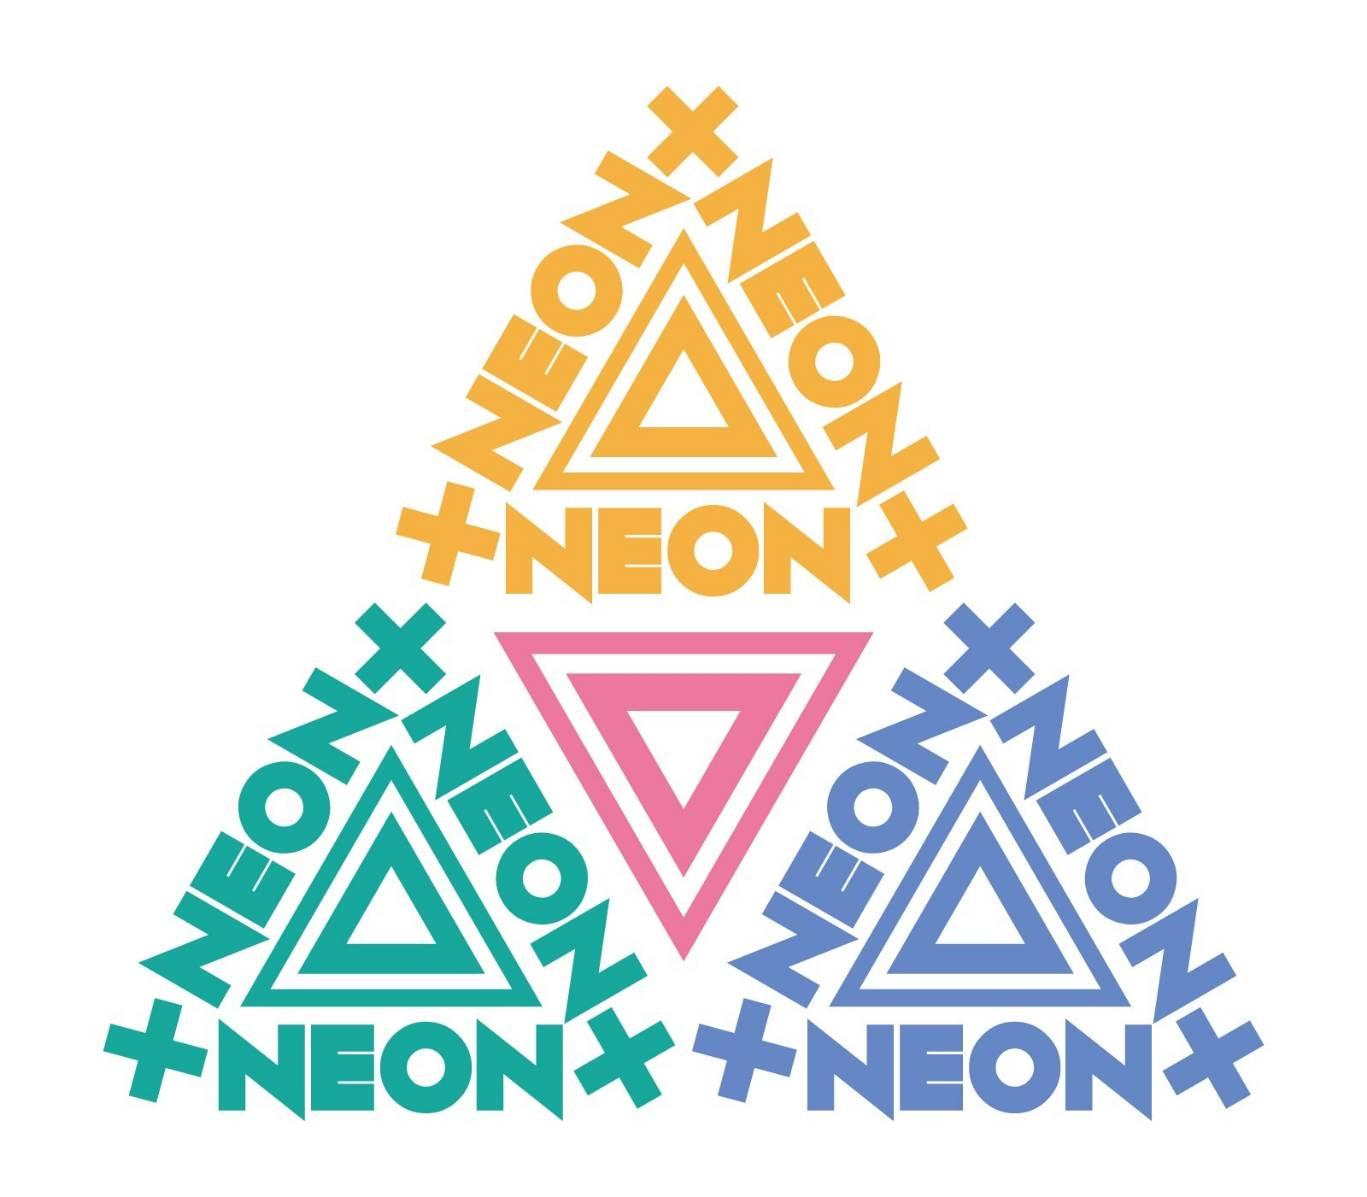 2019年11月13日(水) 『NEON×NEON×NEON』@名古屋ReNY